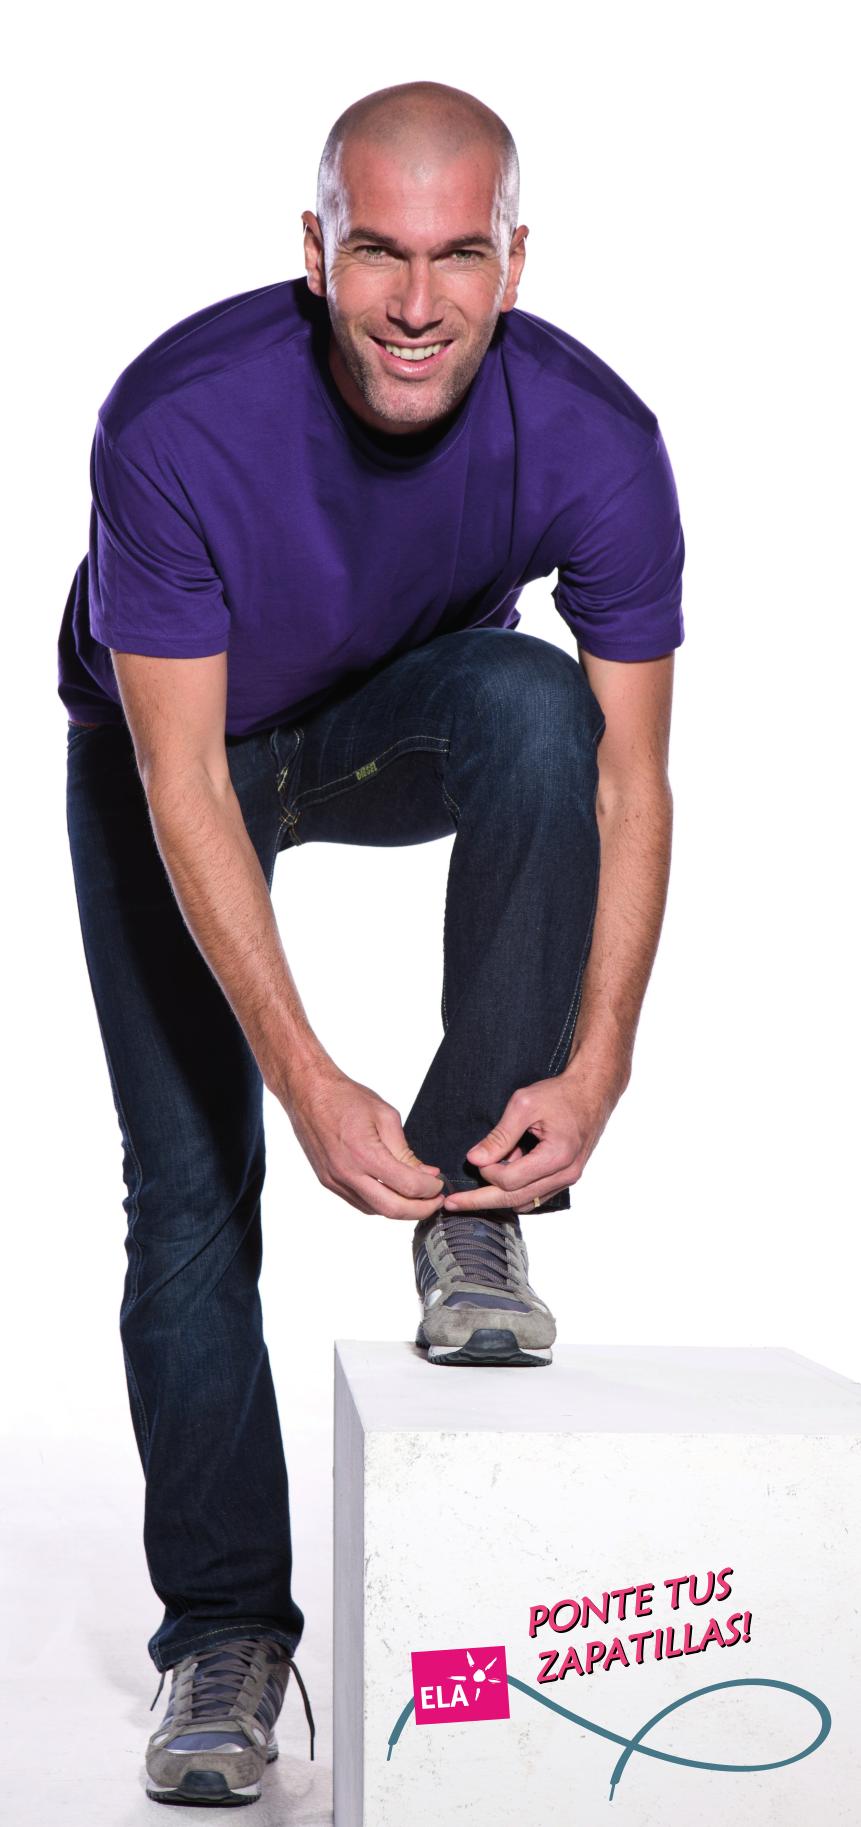 Zidane Ponte tus zapatillas